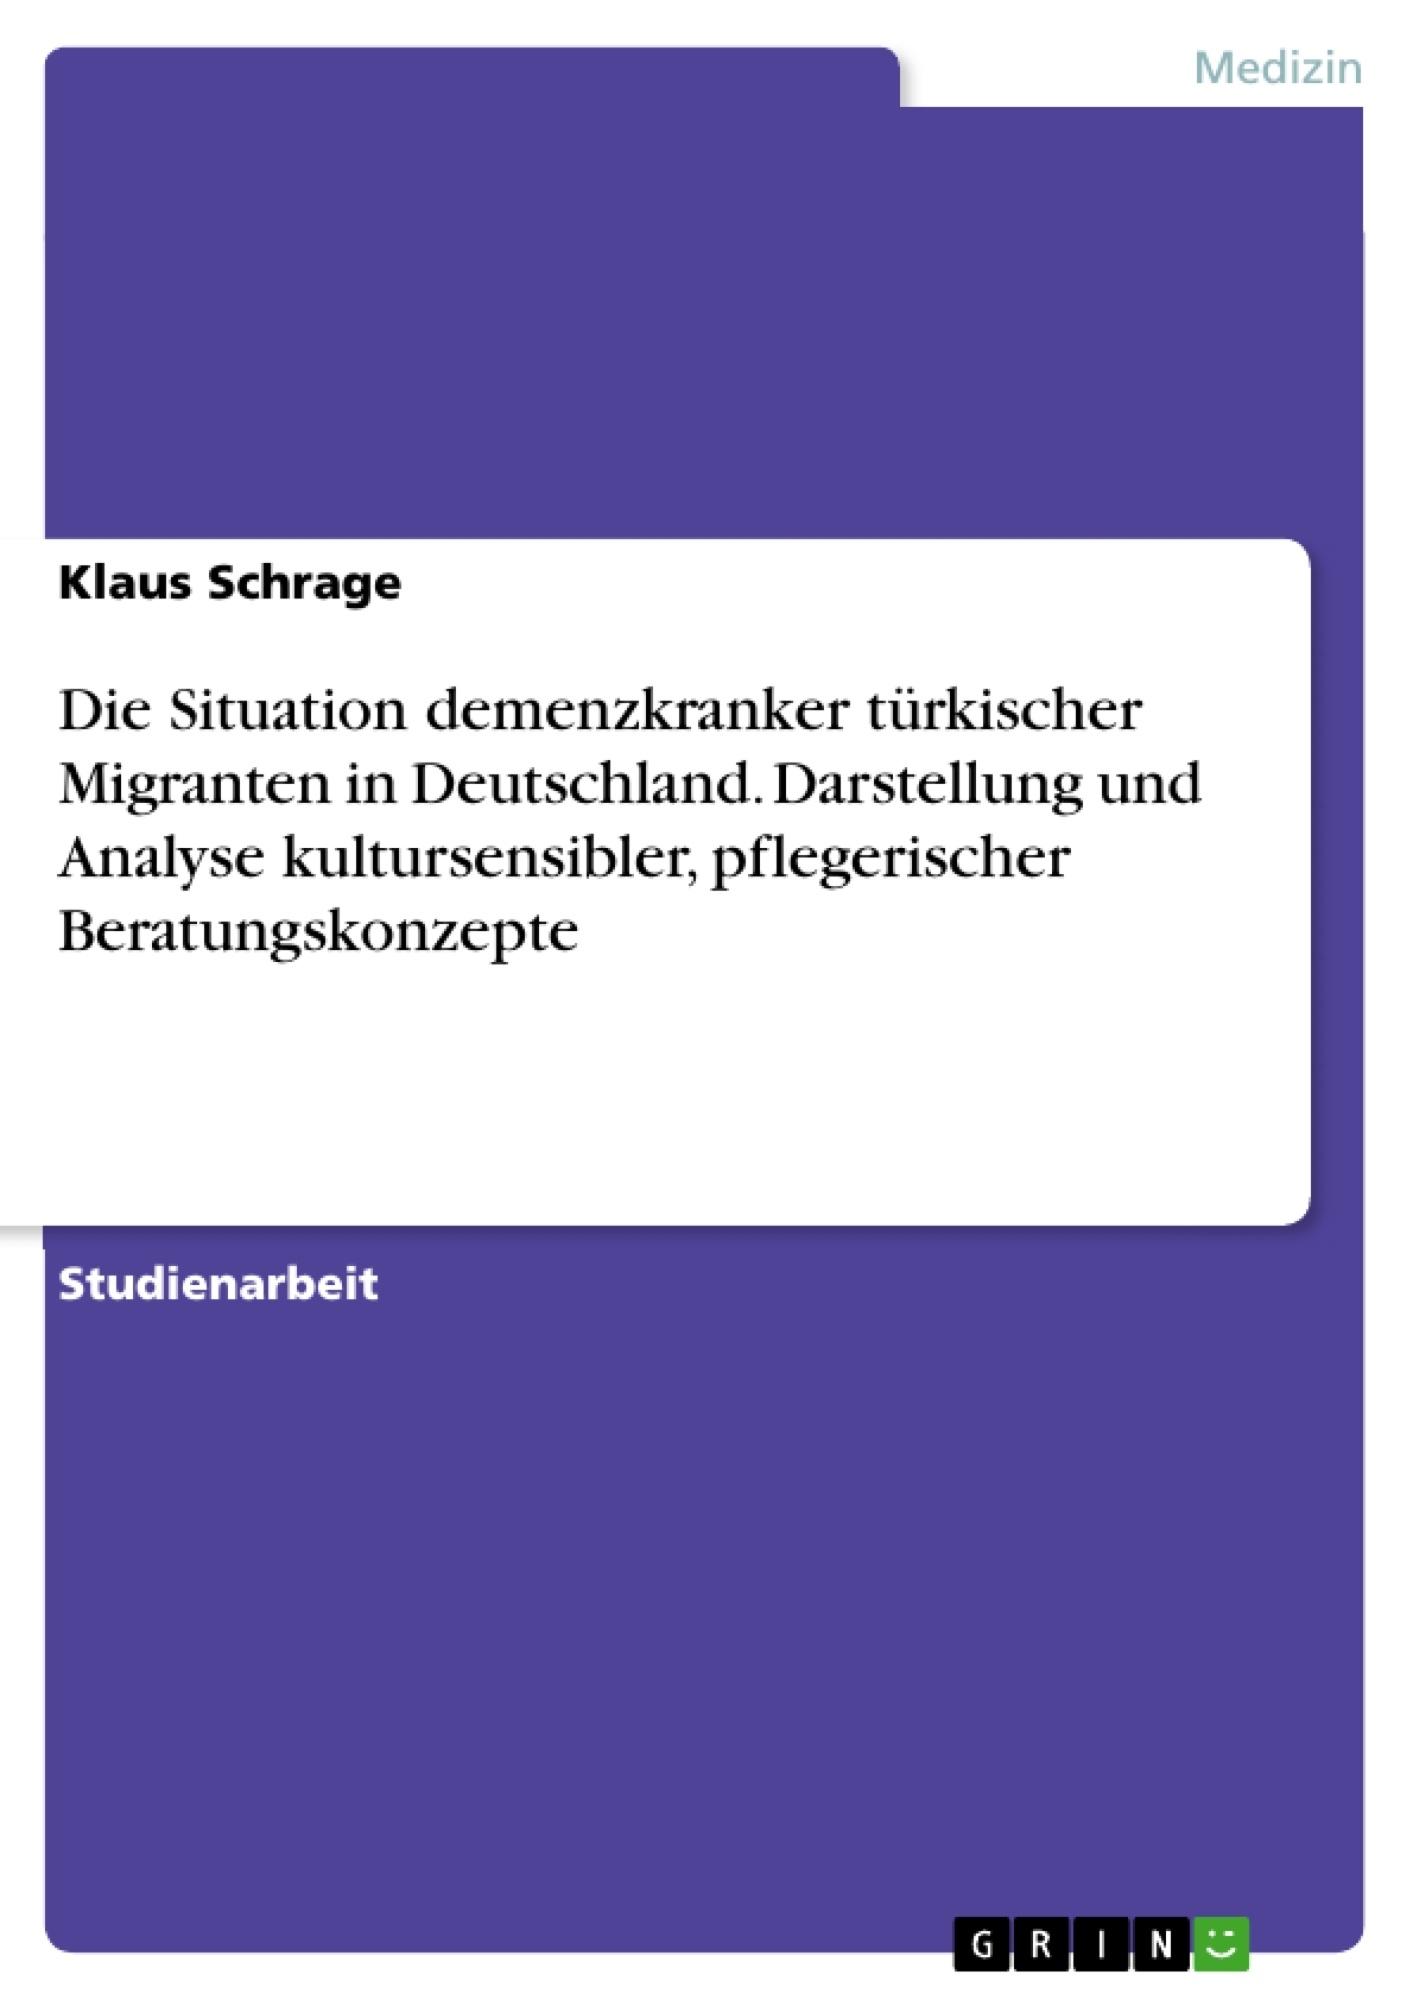 Titel: Die Situation demenzkranker türkischer Migranten in Deutschland. Darstellung und Analyse kultursensibler, pflegerischer Beratungskonzepte